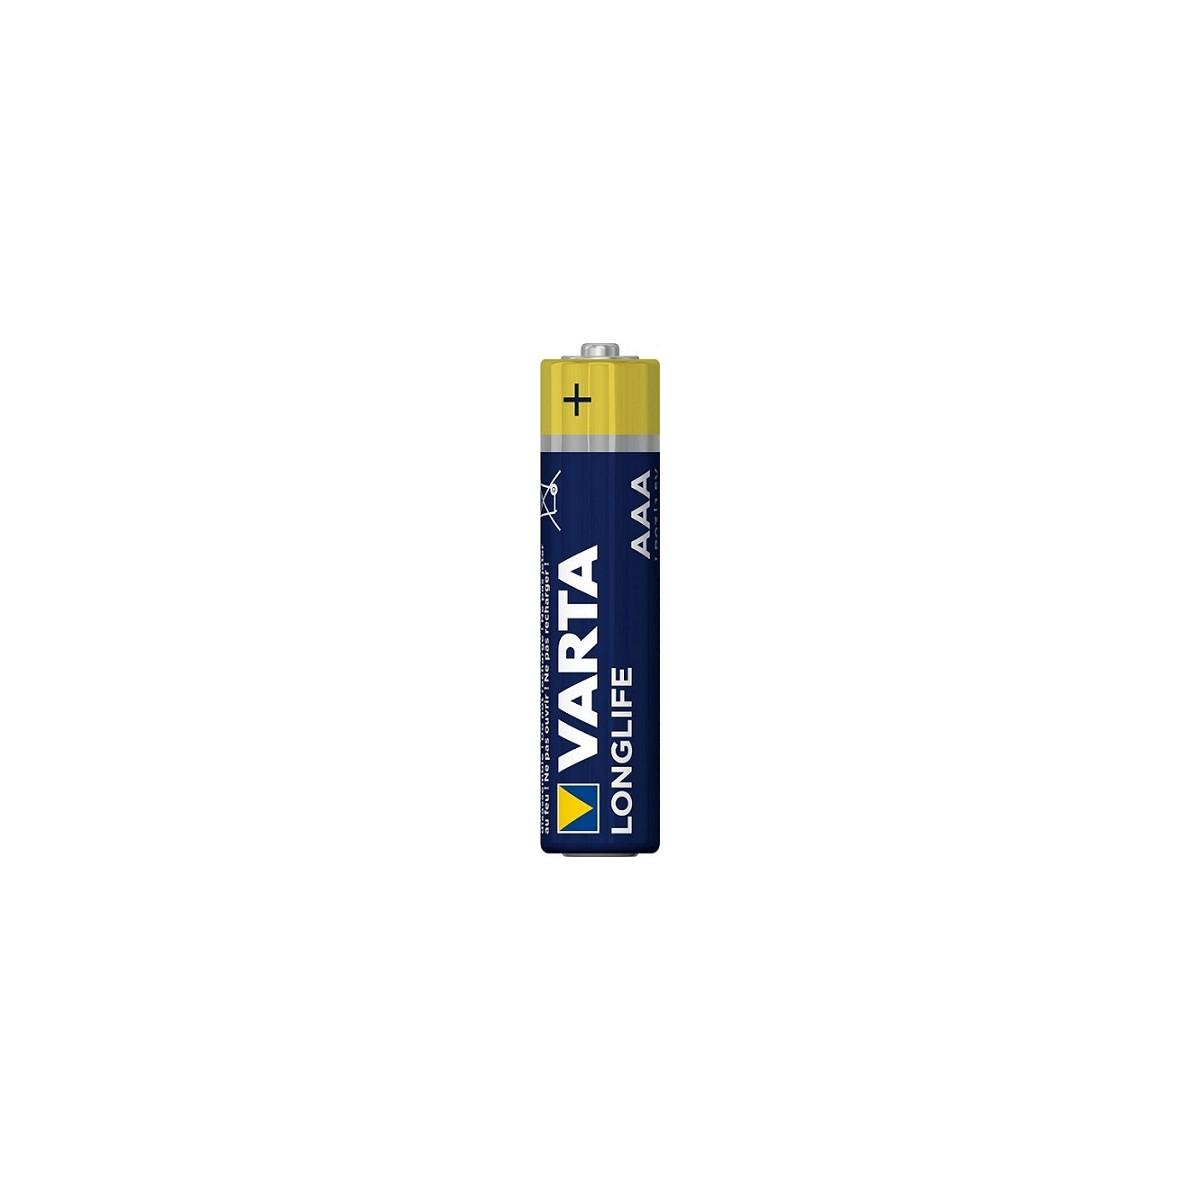 Bateria 1,5 V LONGLIFE AAA VARTA - 4103 Bateria 1,5 V LONGLIFE AAA VARTA - 4103